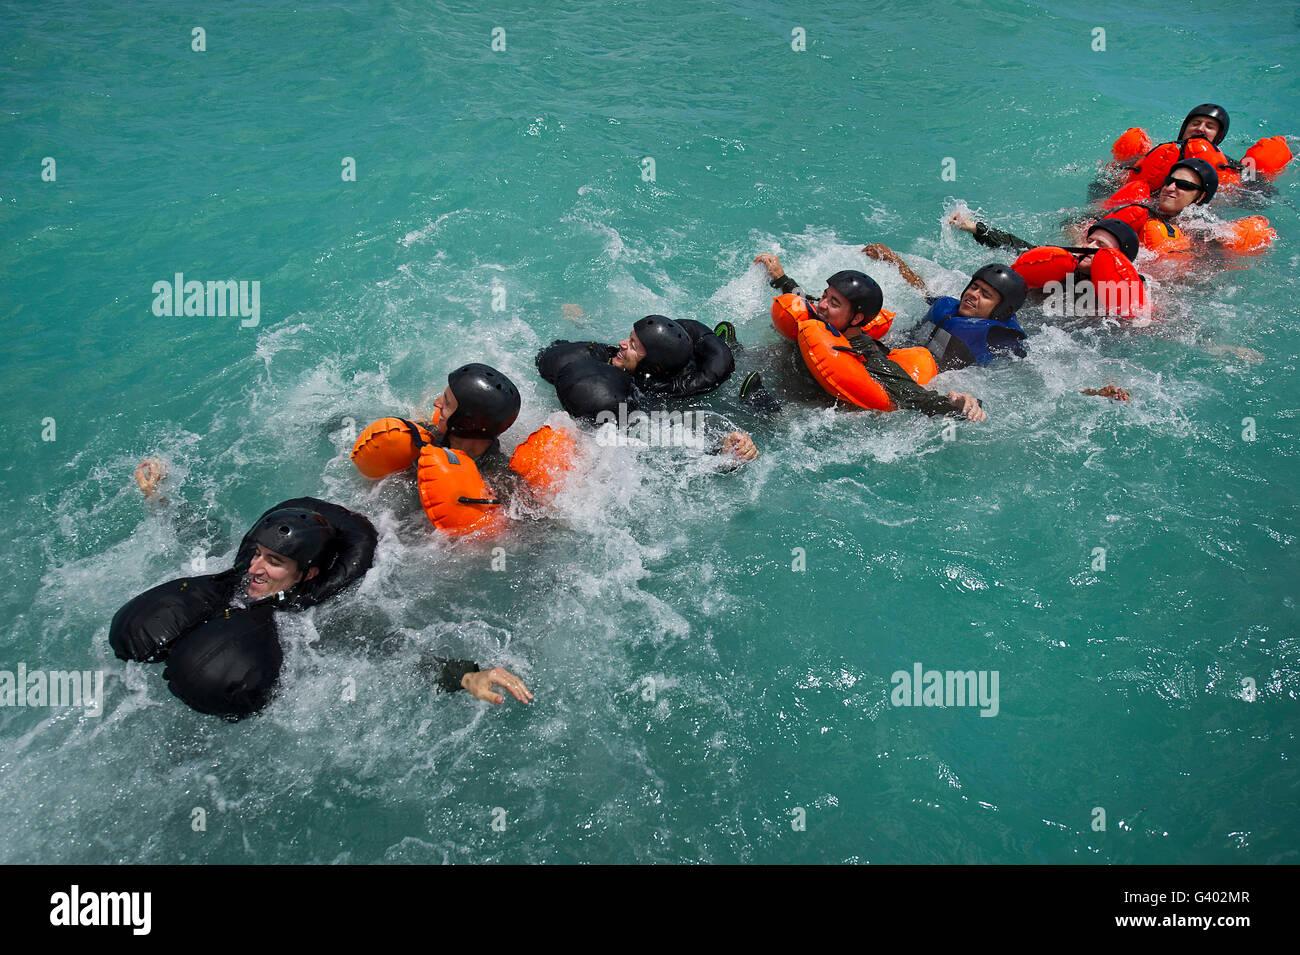 Gruppo tecnica di nuoto durante una sopravvivenza di acqua classe di aggiornamento. Immagini Stock